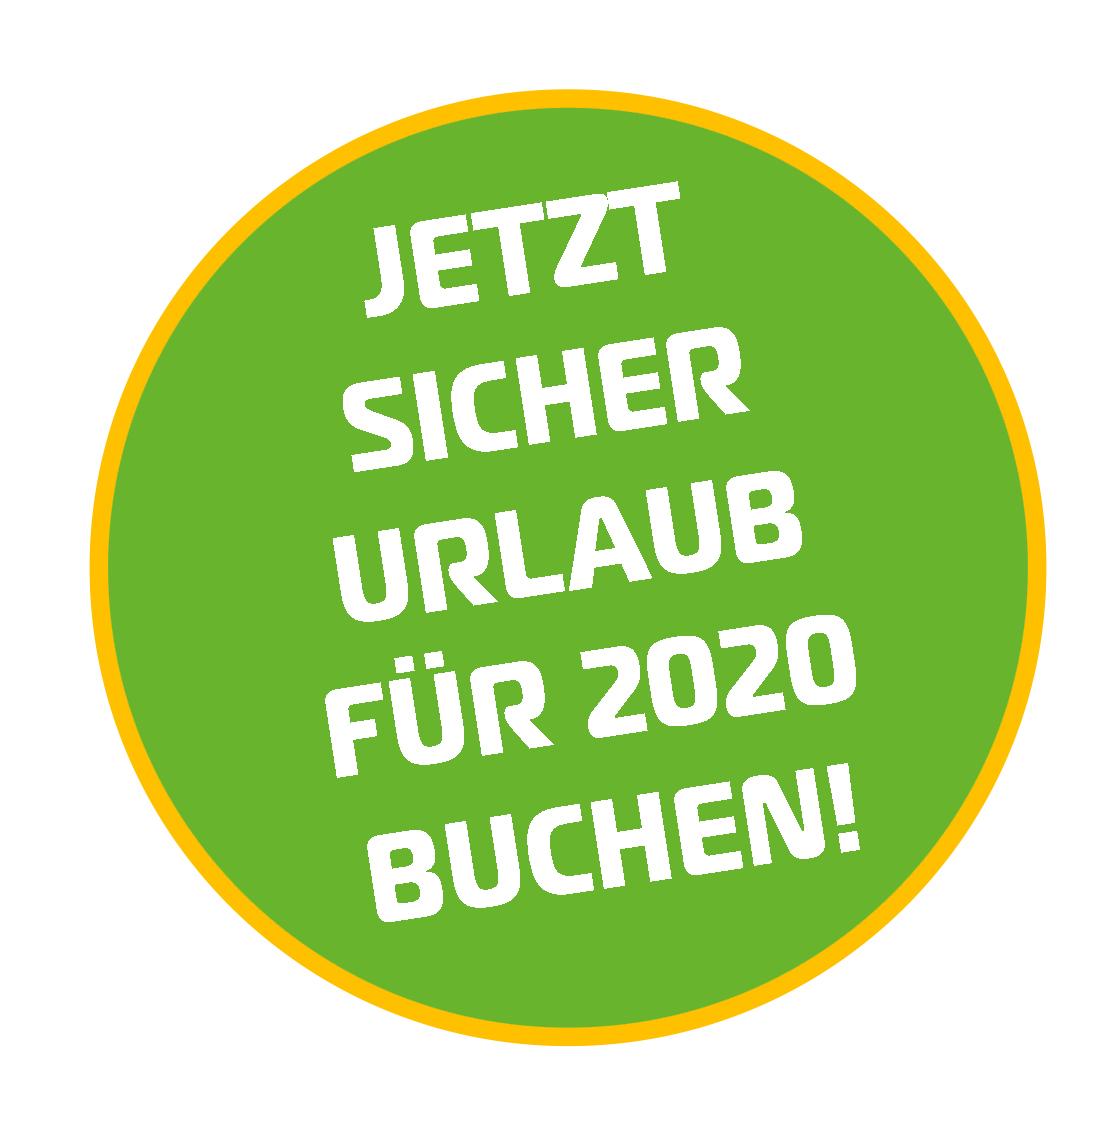 Sicher Buchen 2020